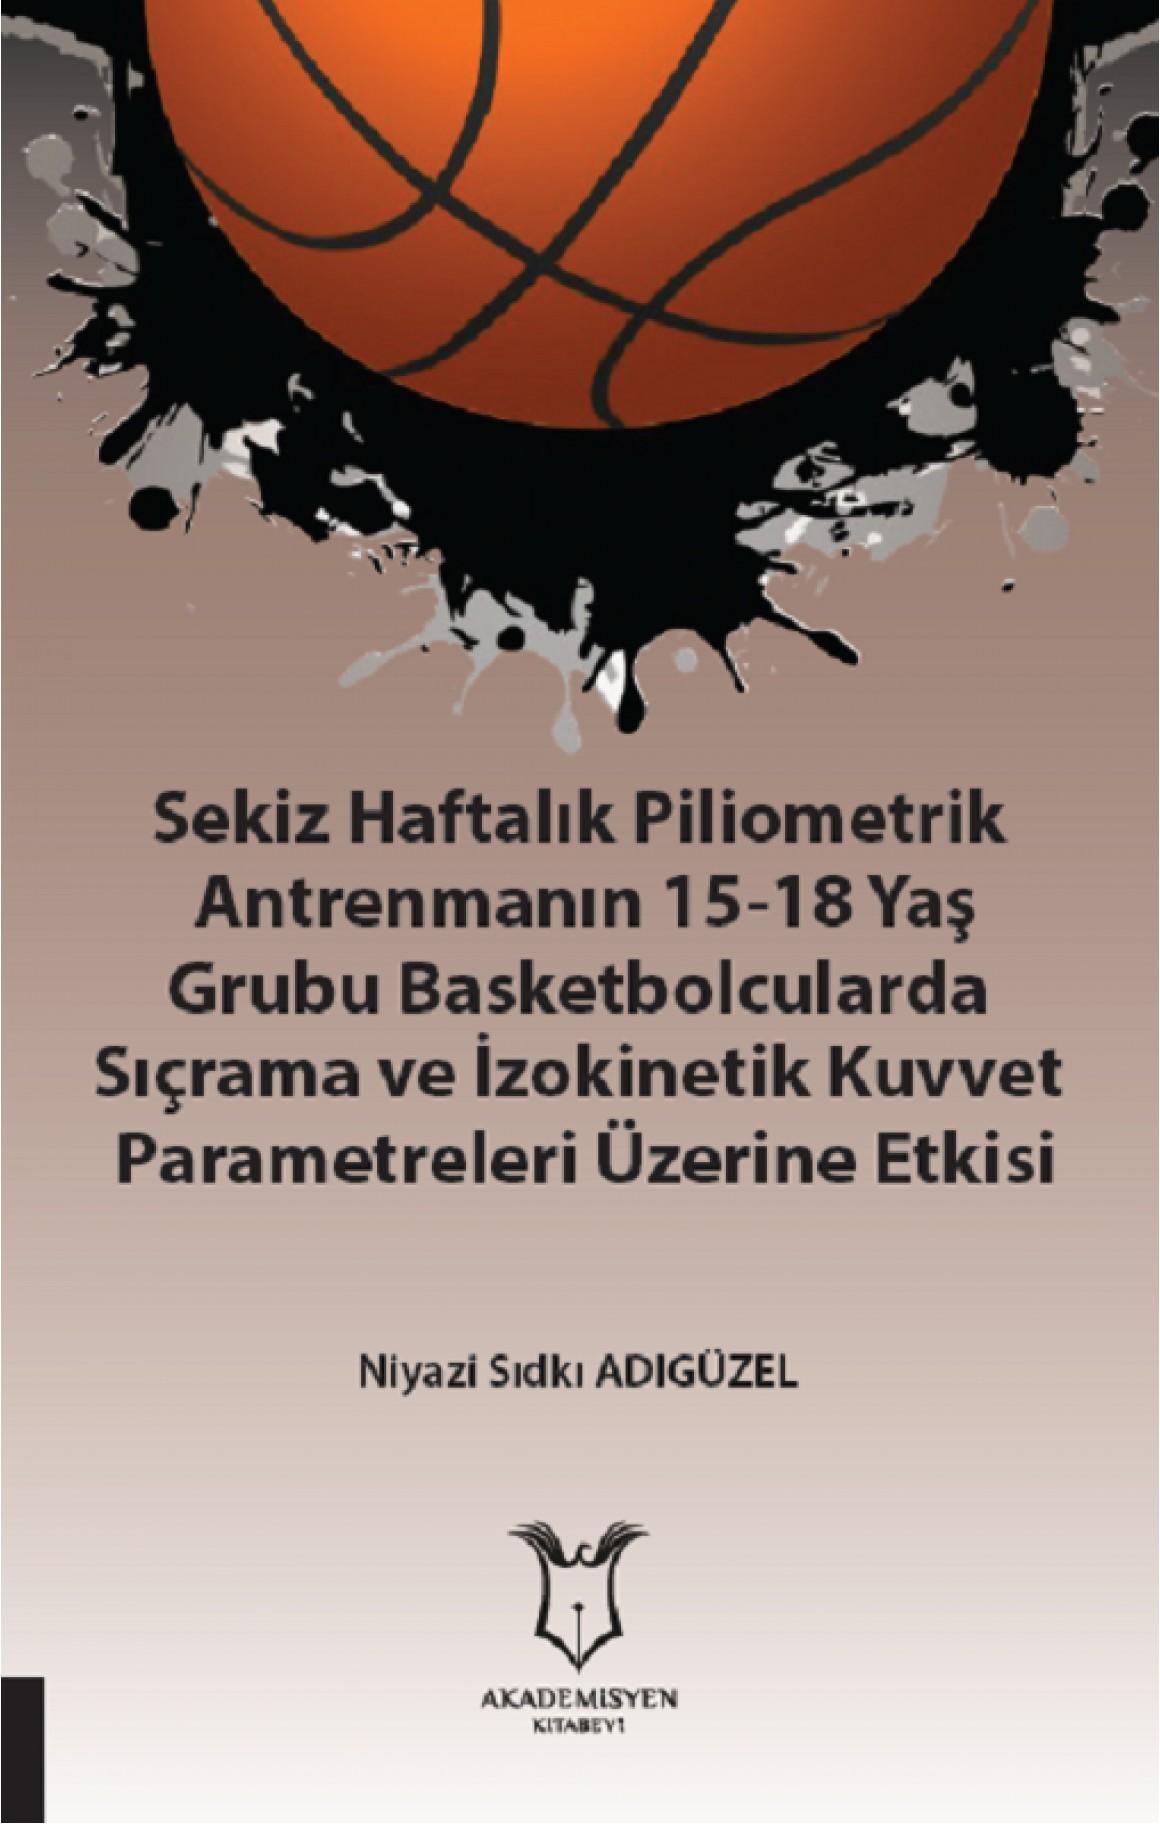 Sekiz Haftalık Pilometrik Antrenmanın 15-18 Yaş Grubu Basketbolcularda Sıçrama ve İzokinetik Kuvvet